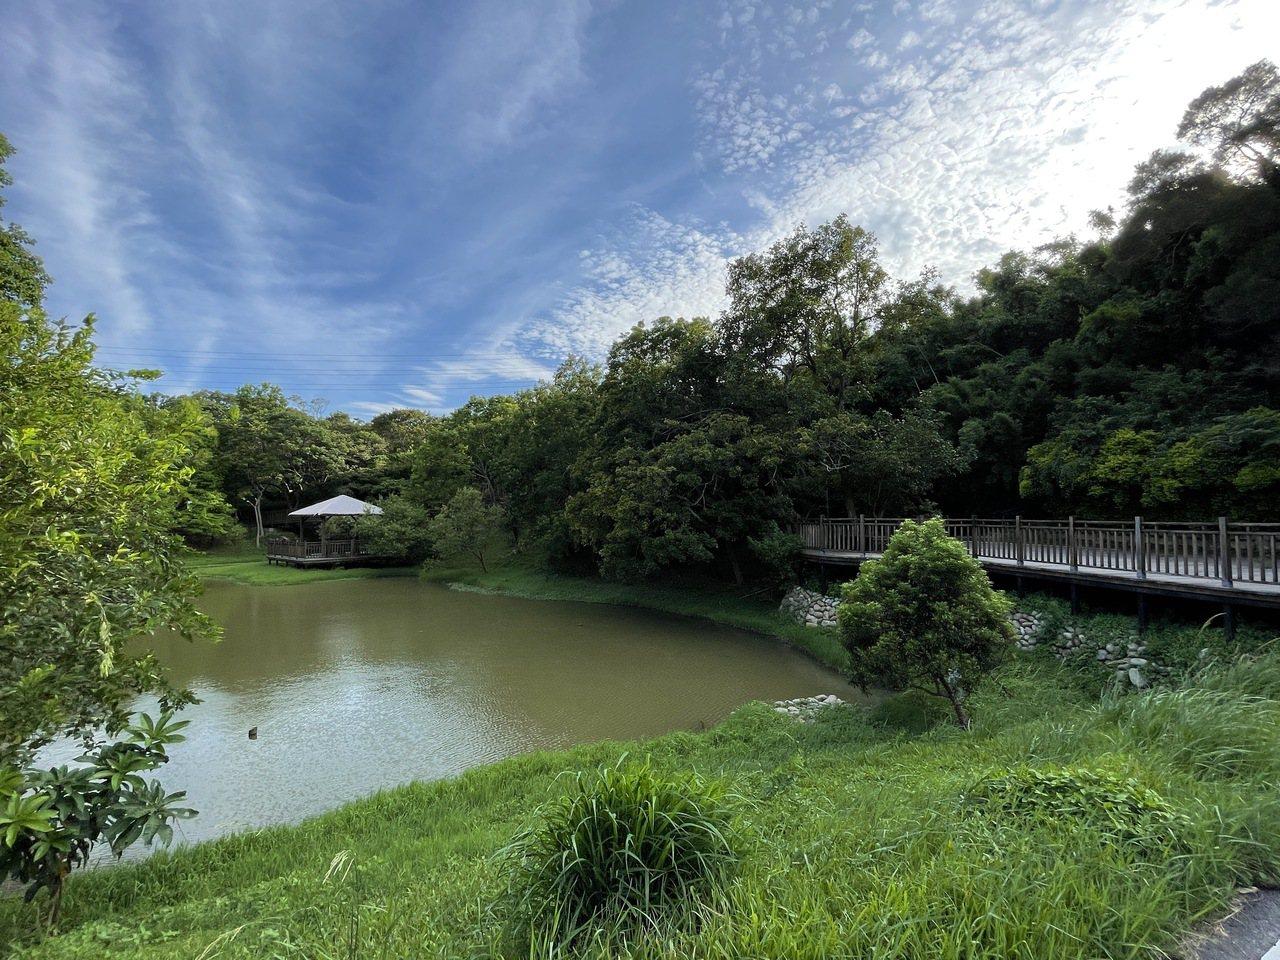 青青草原環境舒適,生態池旁有休憩平台與座椅,方便賞景。 圖/張裕珍 攝影